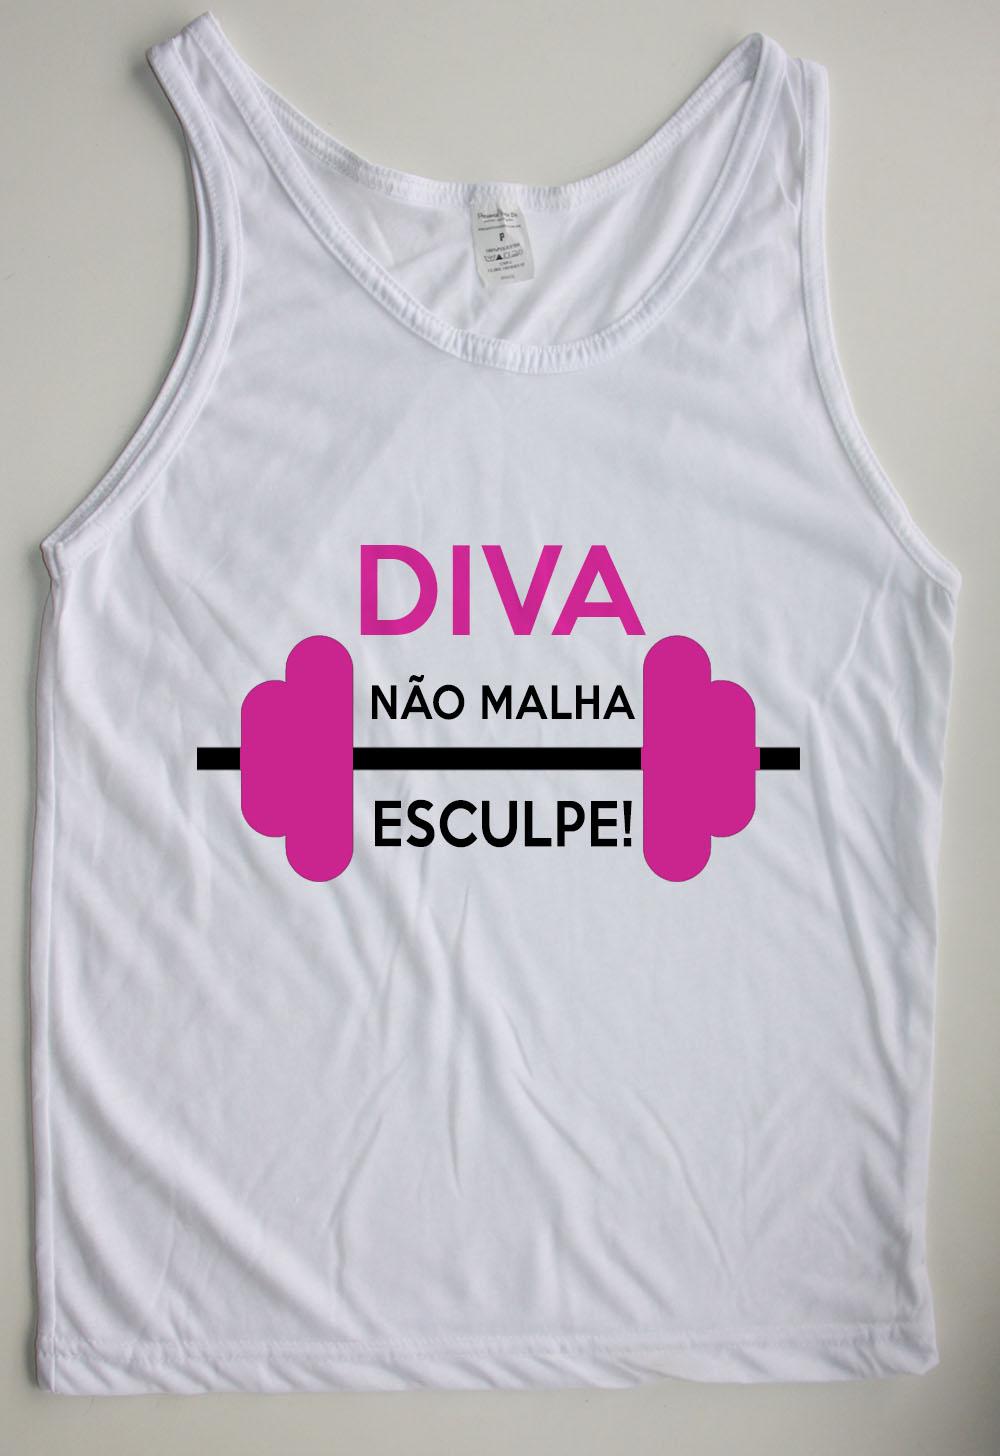 b4846b2f16 Regata Feminina - Diva não malha no Elo7